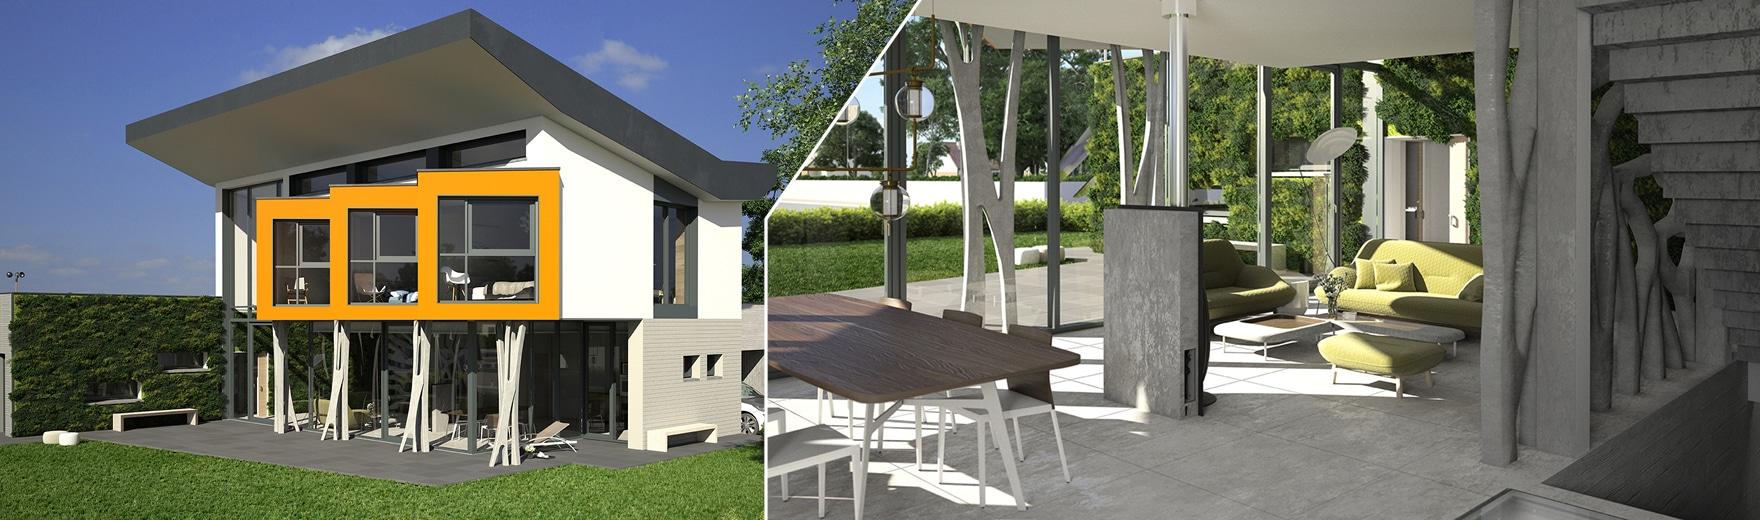 Concept YRYS by MFC : maison connectée rime avec services et confort augmentés